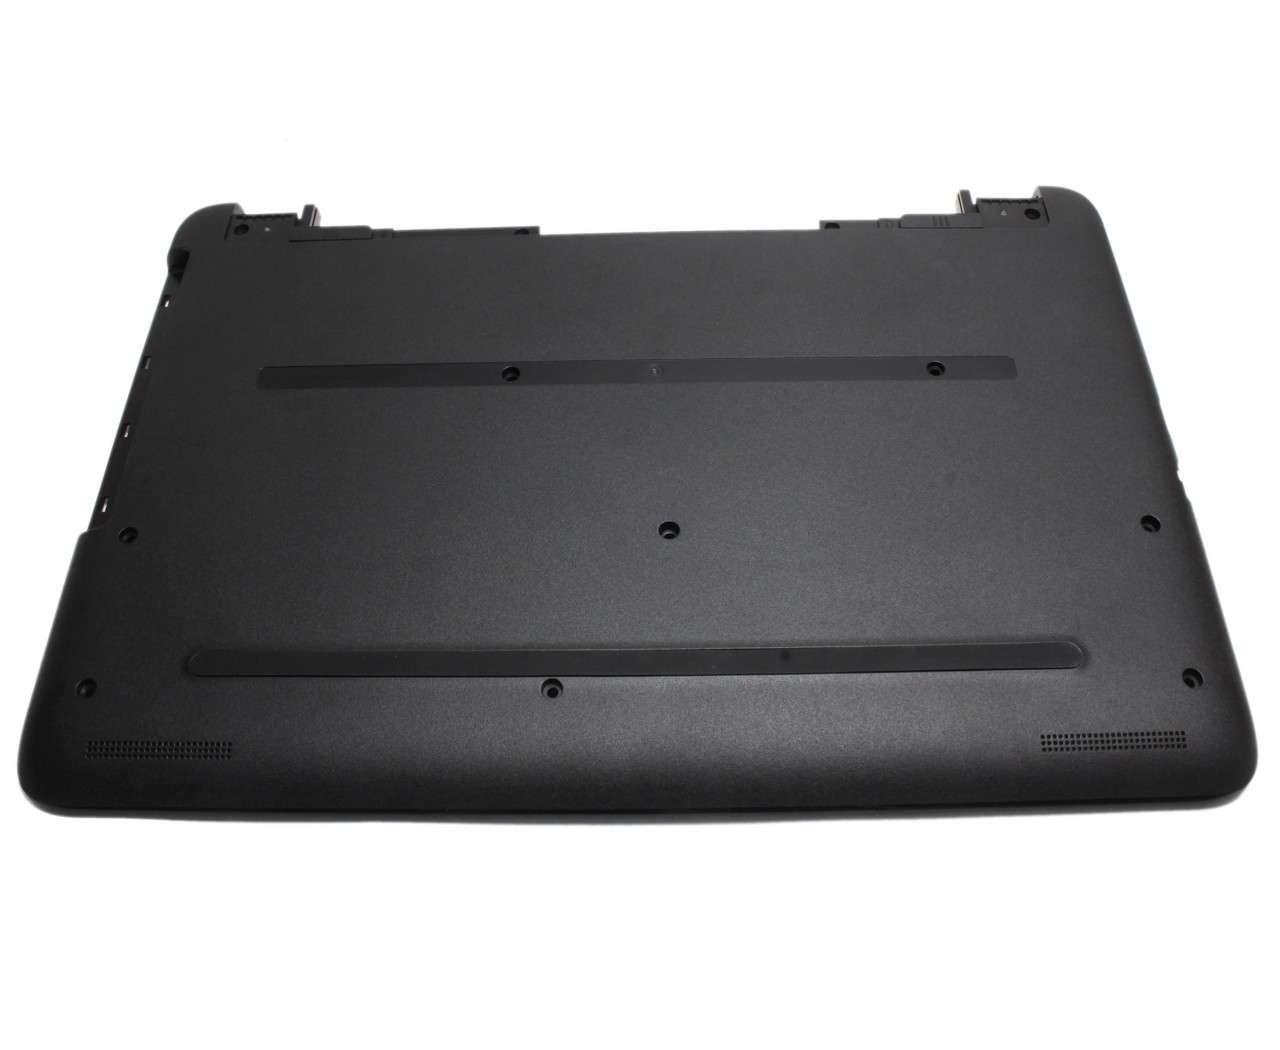 Bottom Case HP SPS-859513-001 Carcasa Inferioara Neagra imagine powerlaptop.ro 2021